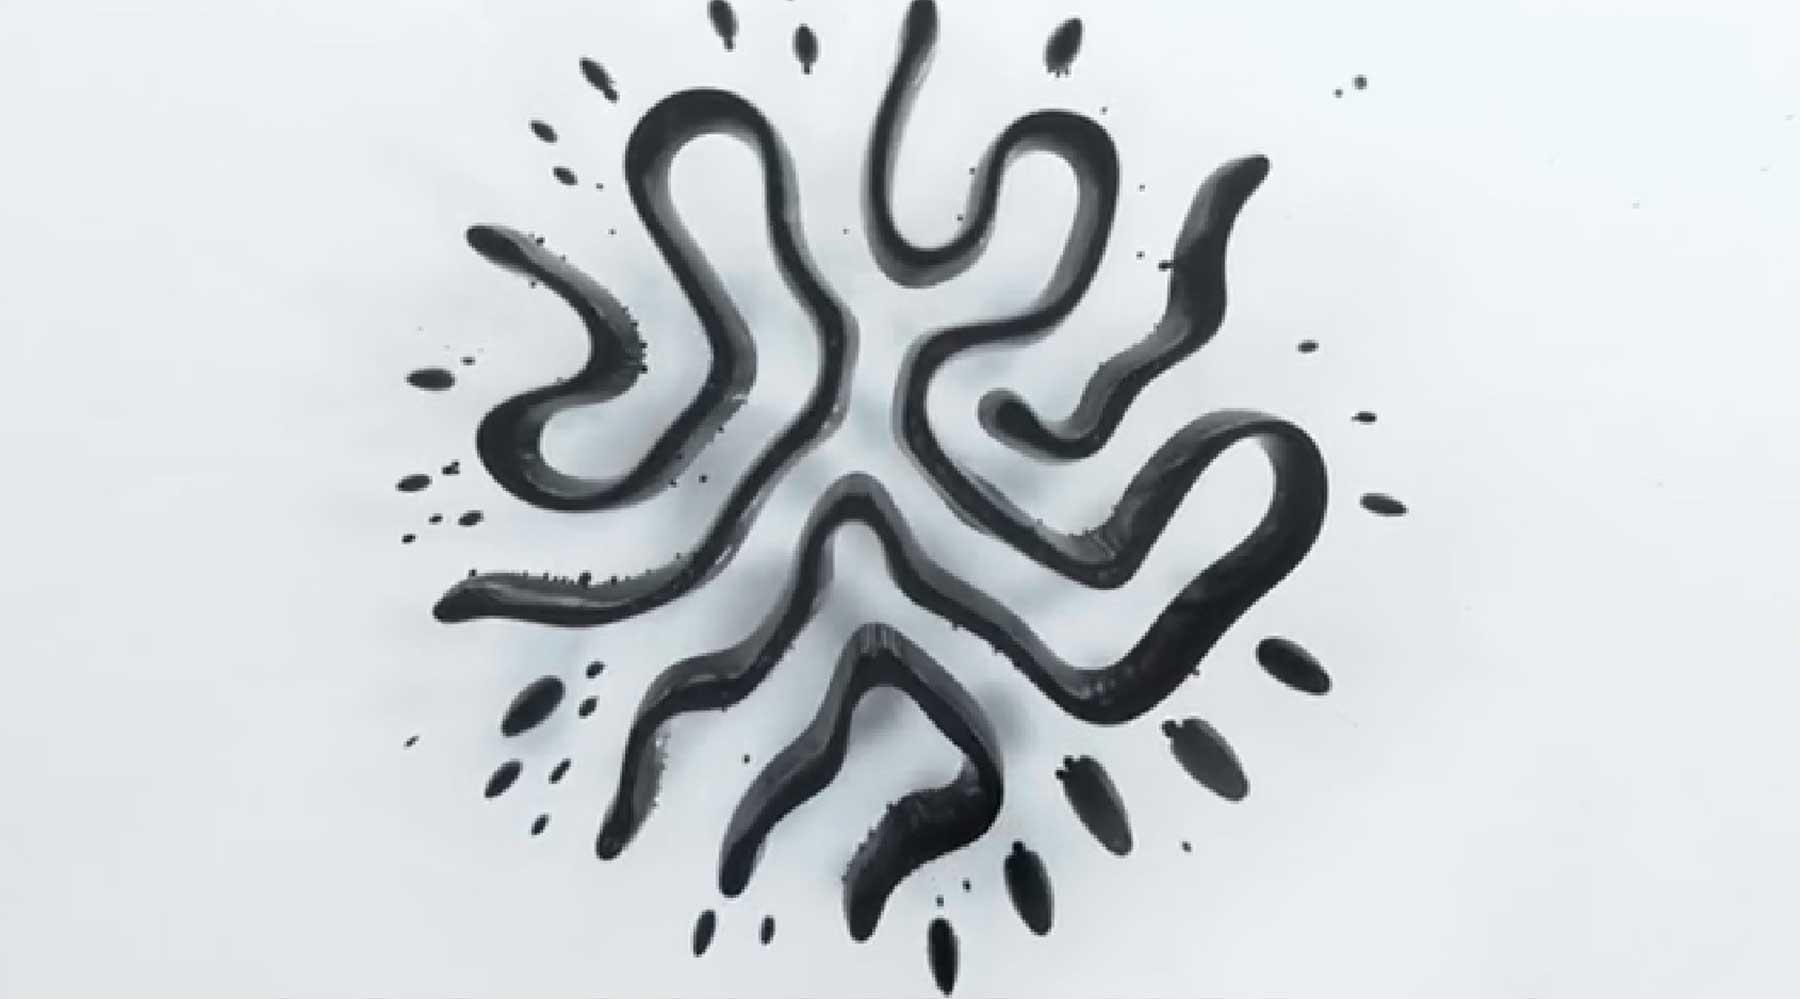 Schöne Muster mit flüssigem Eisenstaub